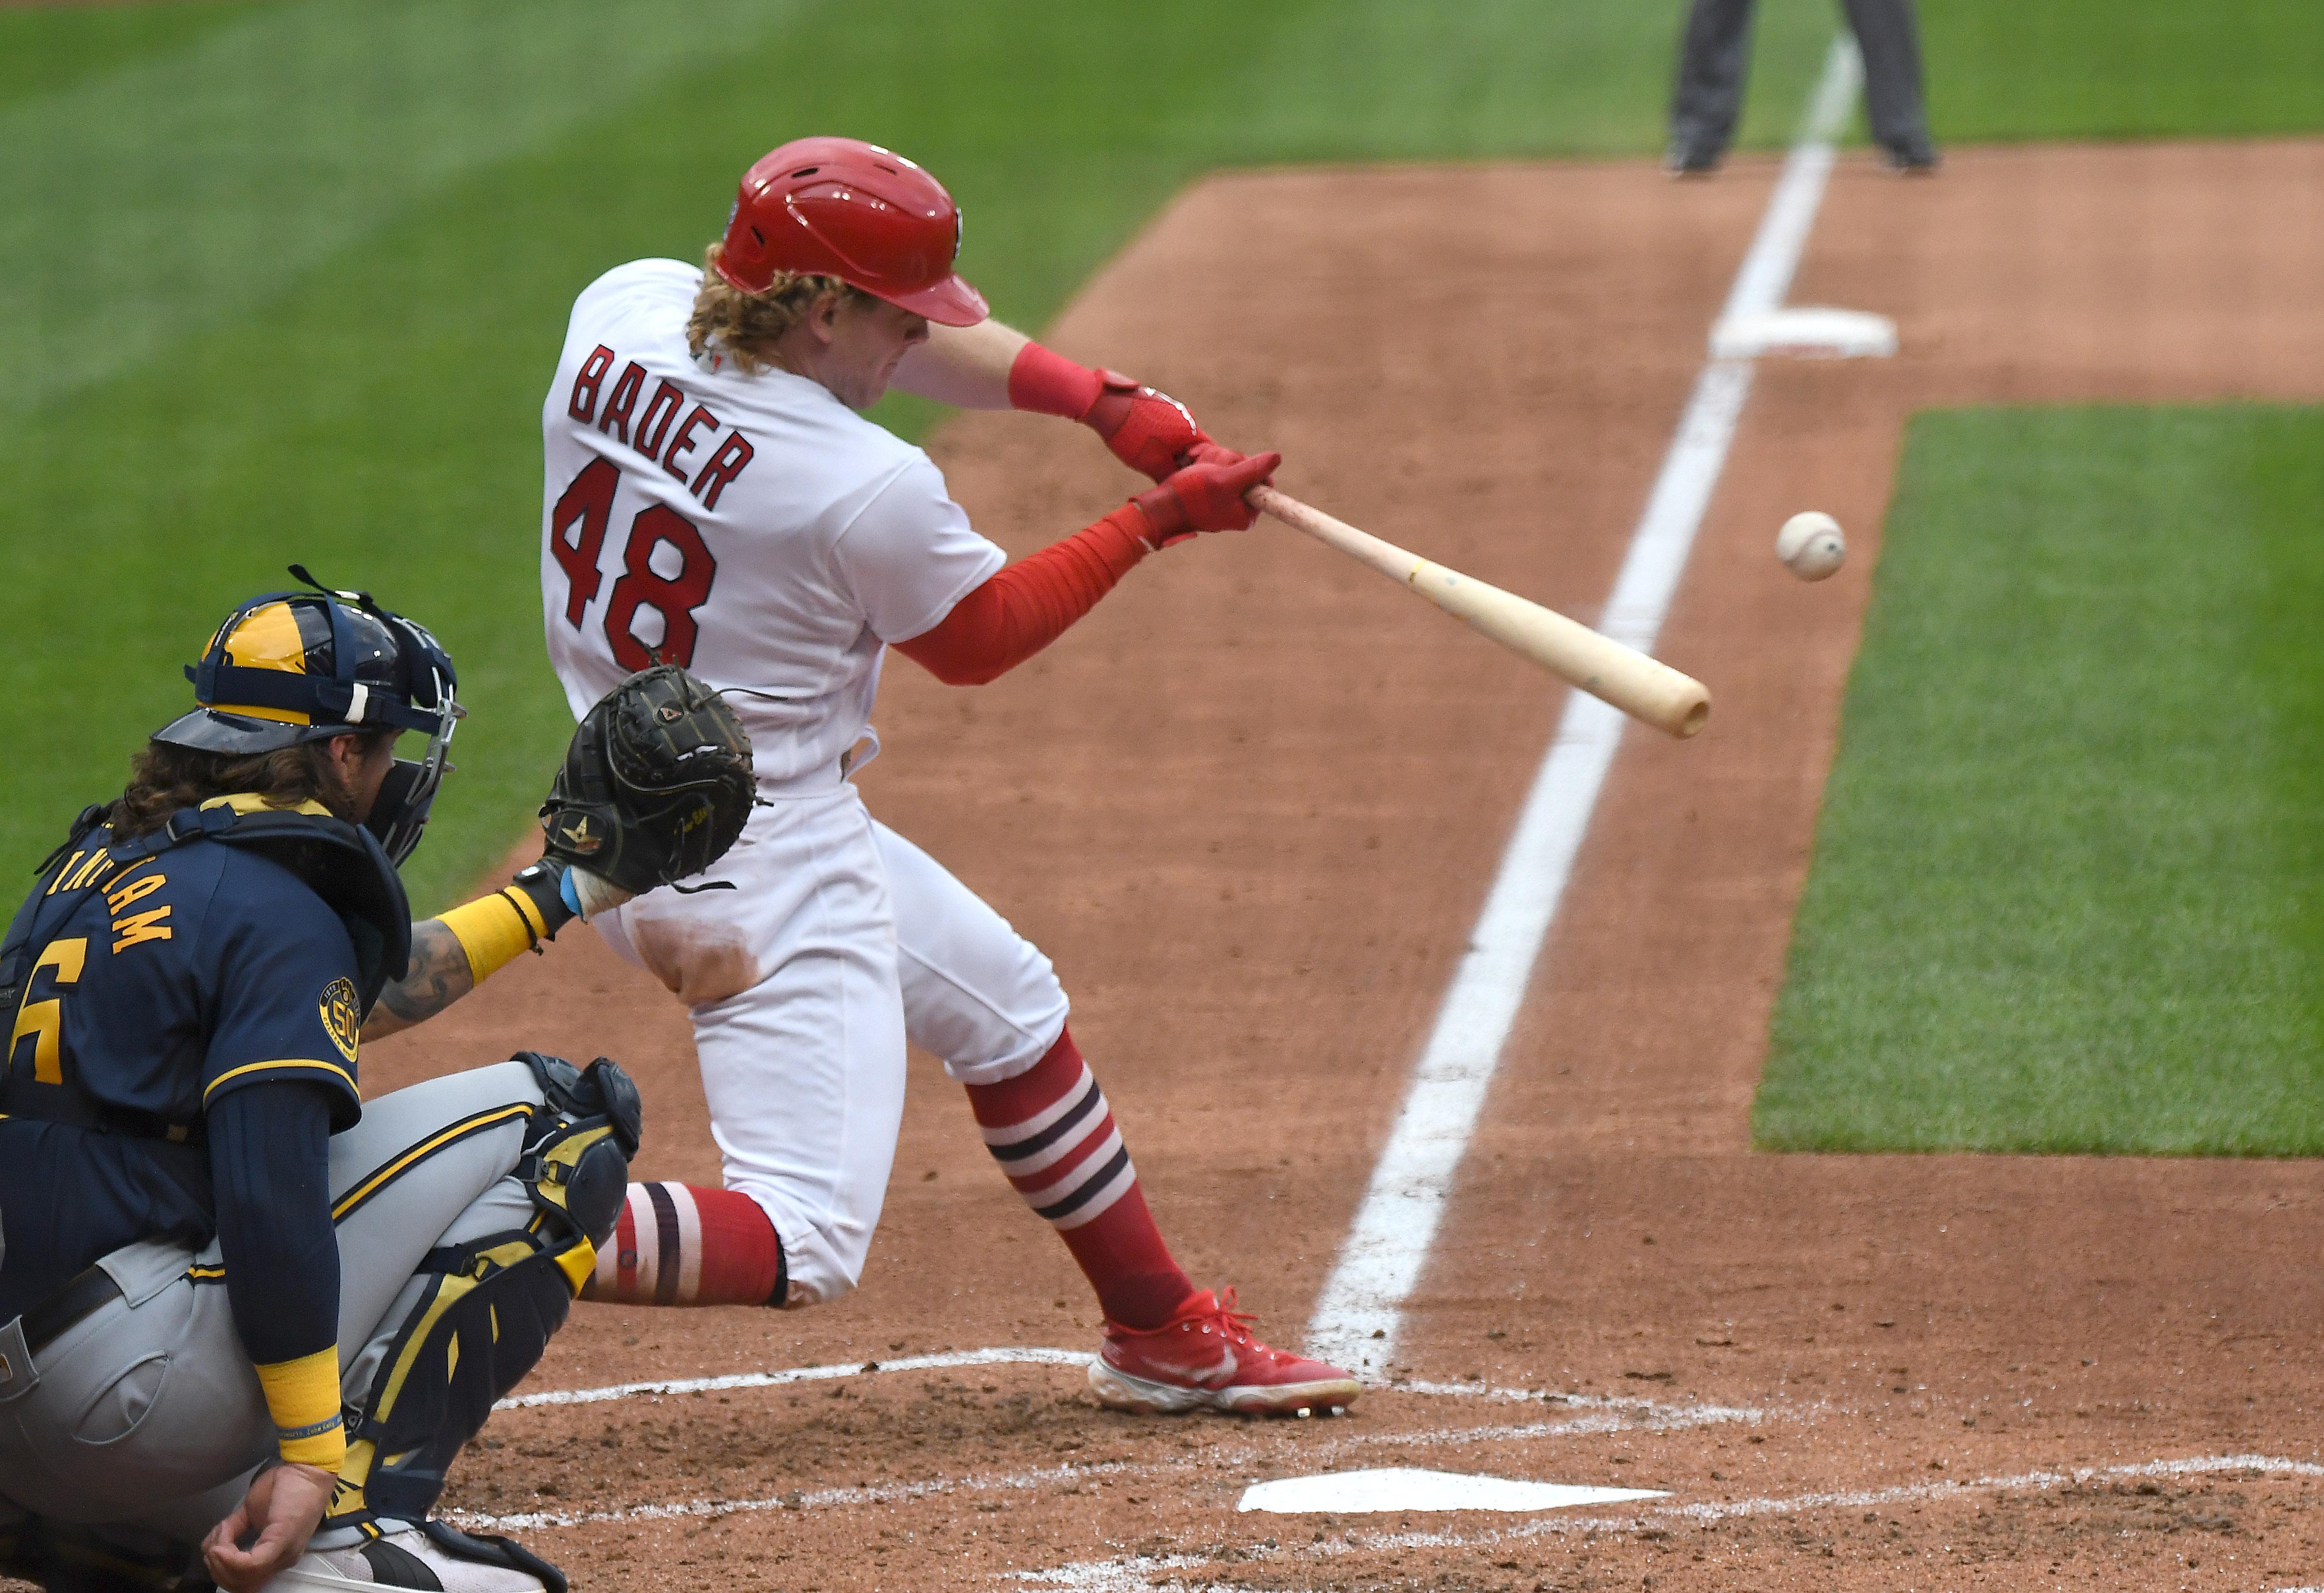 美国职业棒球大联盟:9月27日红雀队